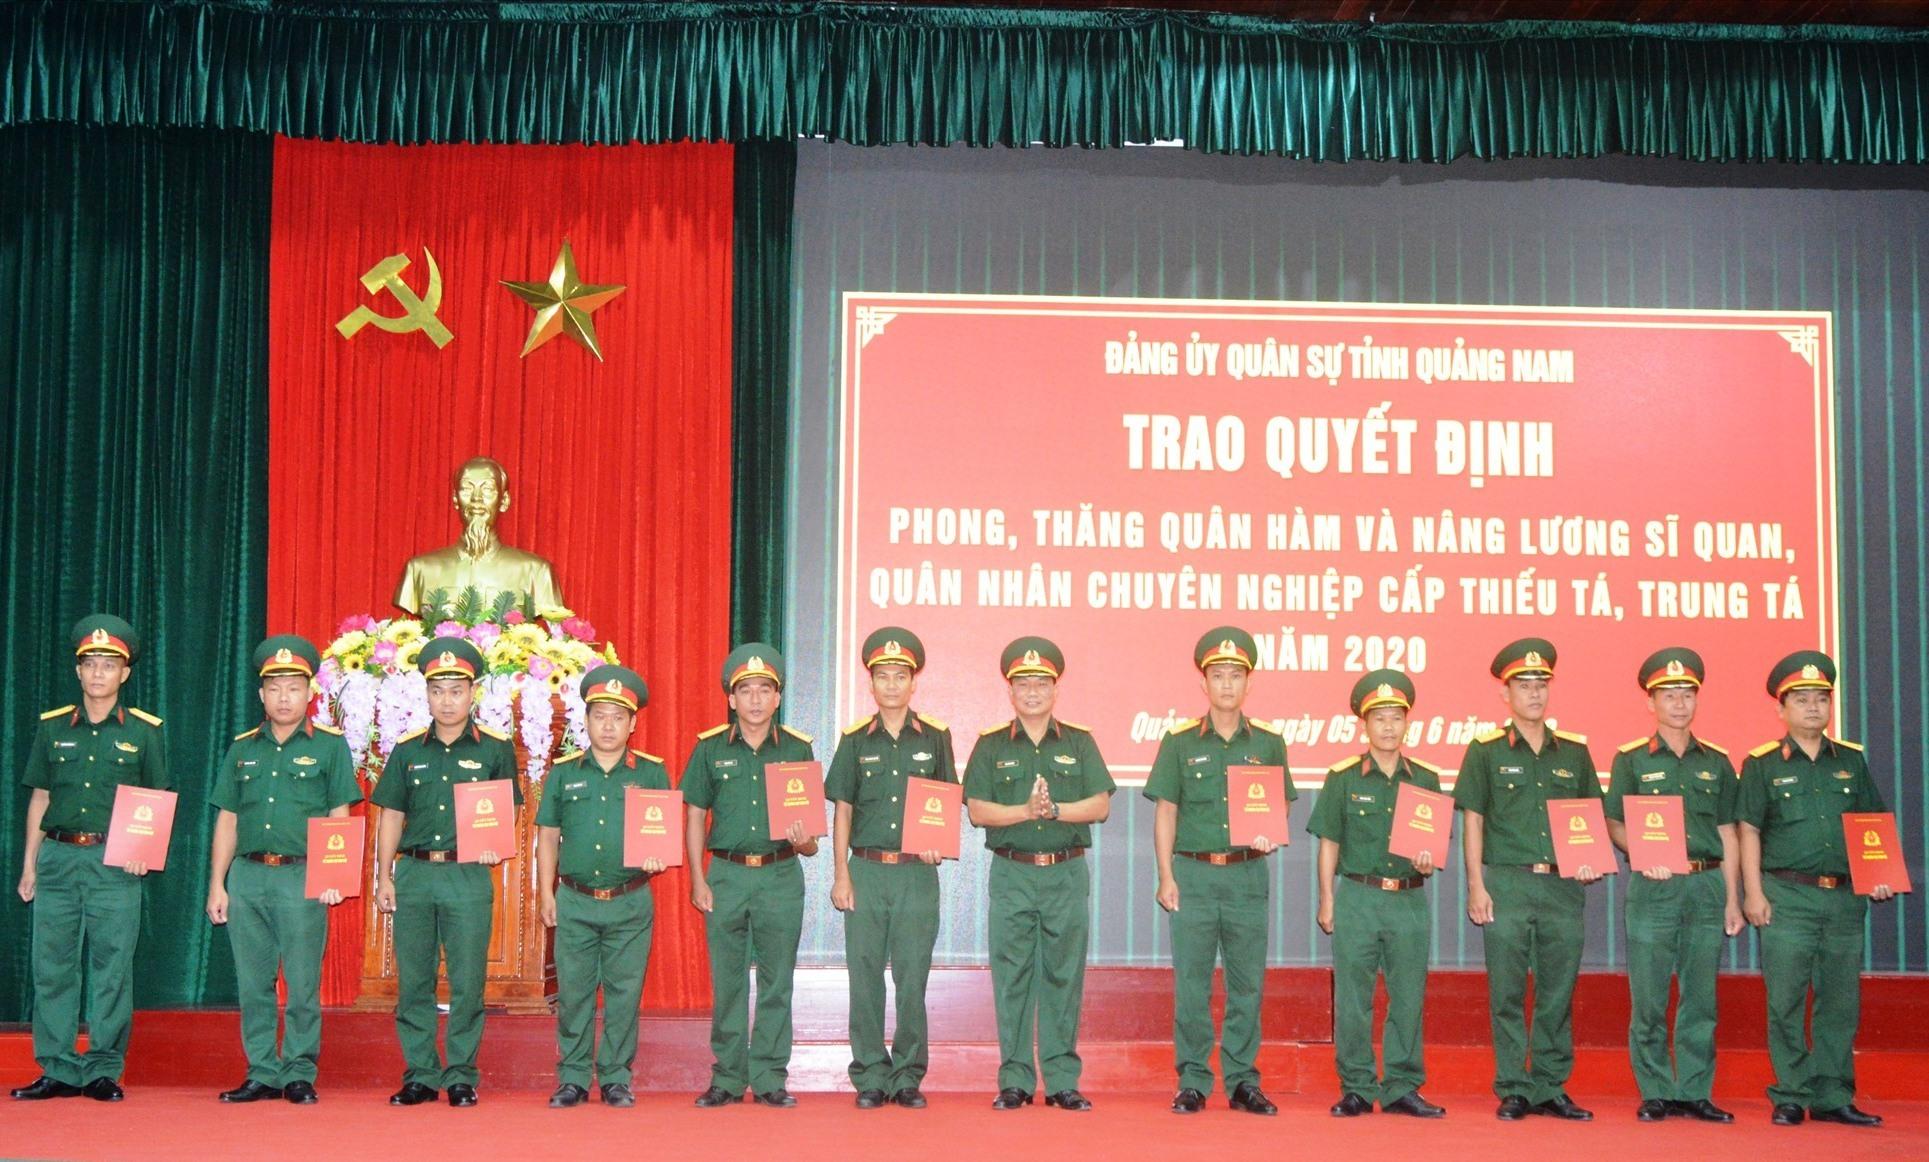 đợt này có 78 cán bộ thuộc các cơ quan, đơn vị lực lượng vũ trang tỉnh được phong, thăng quân hàm và nâng lương.